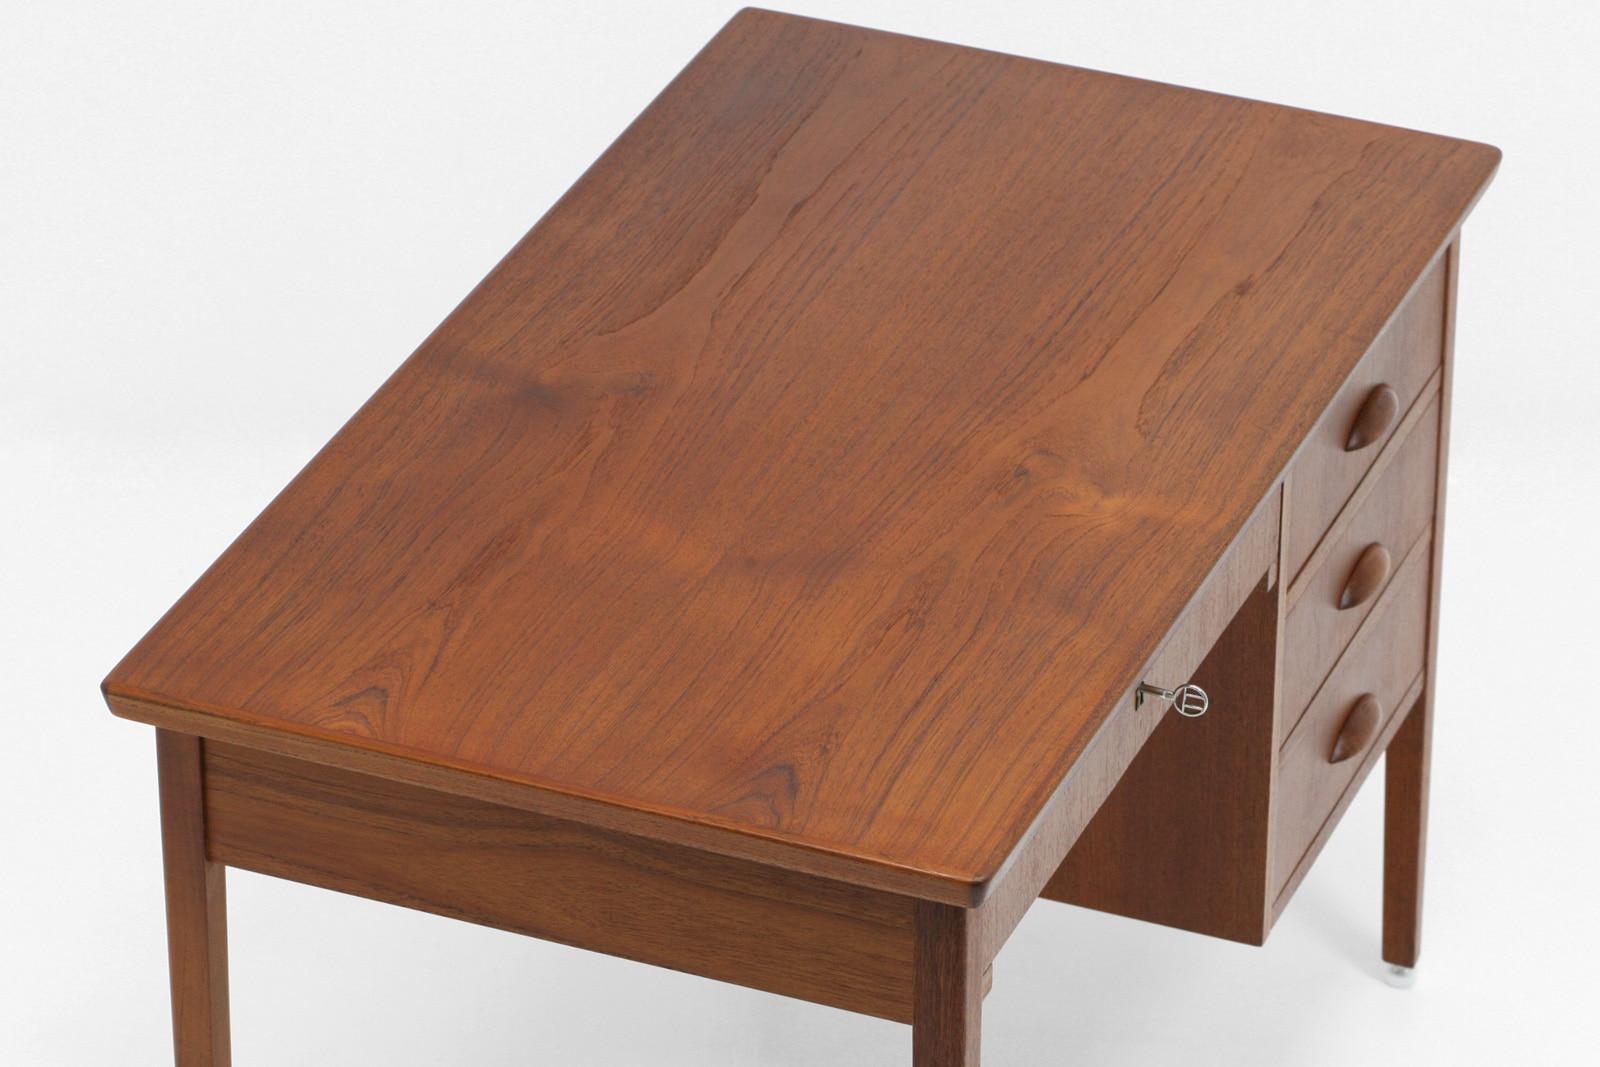 ヴィンテージ,北欧,家具,小さい,片袖デスク,チーク材